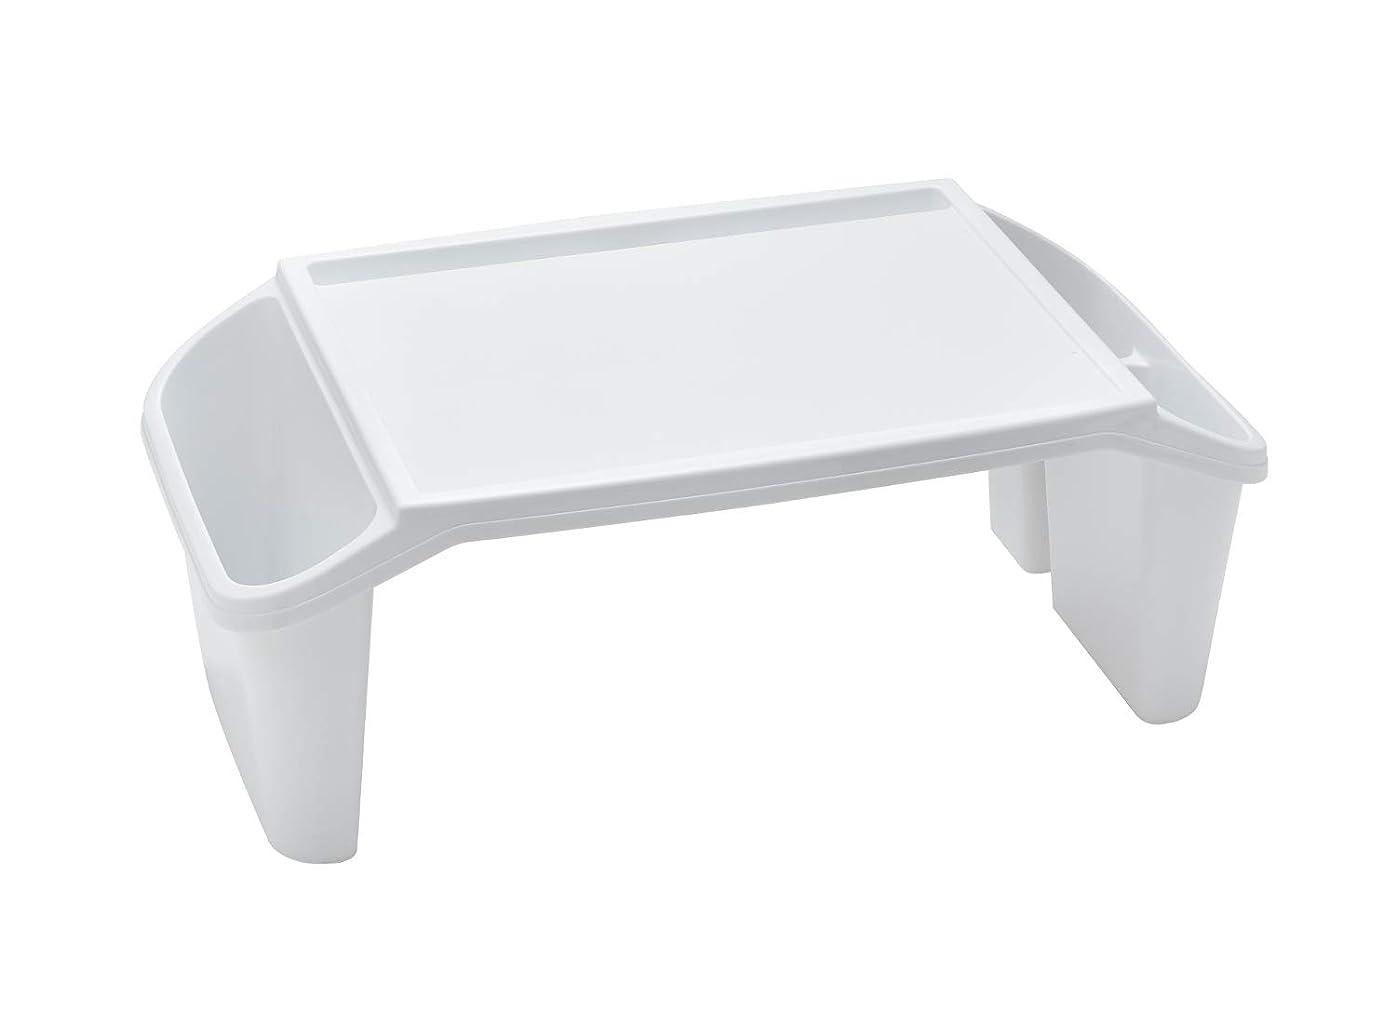 鮮やかなゆりかごテザー伊勢藤 キッズテーブル ホワイト 57.5×31.2×22.3cm チャイルドデスク +_日本製_すべり止め付 I-575